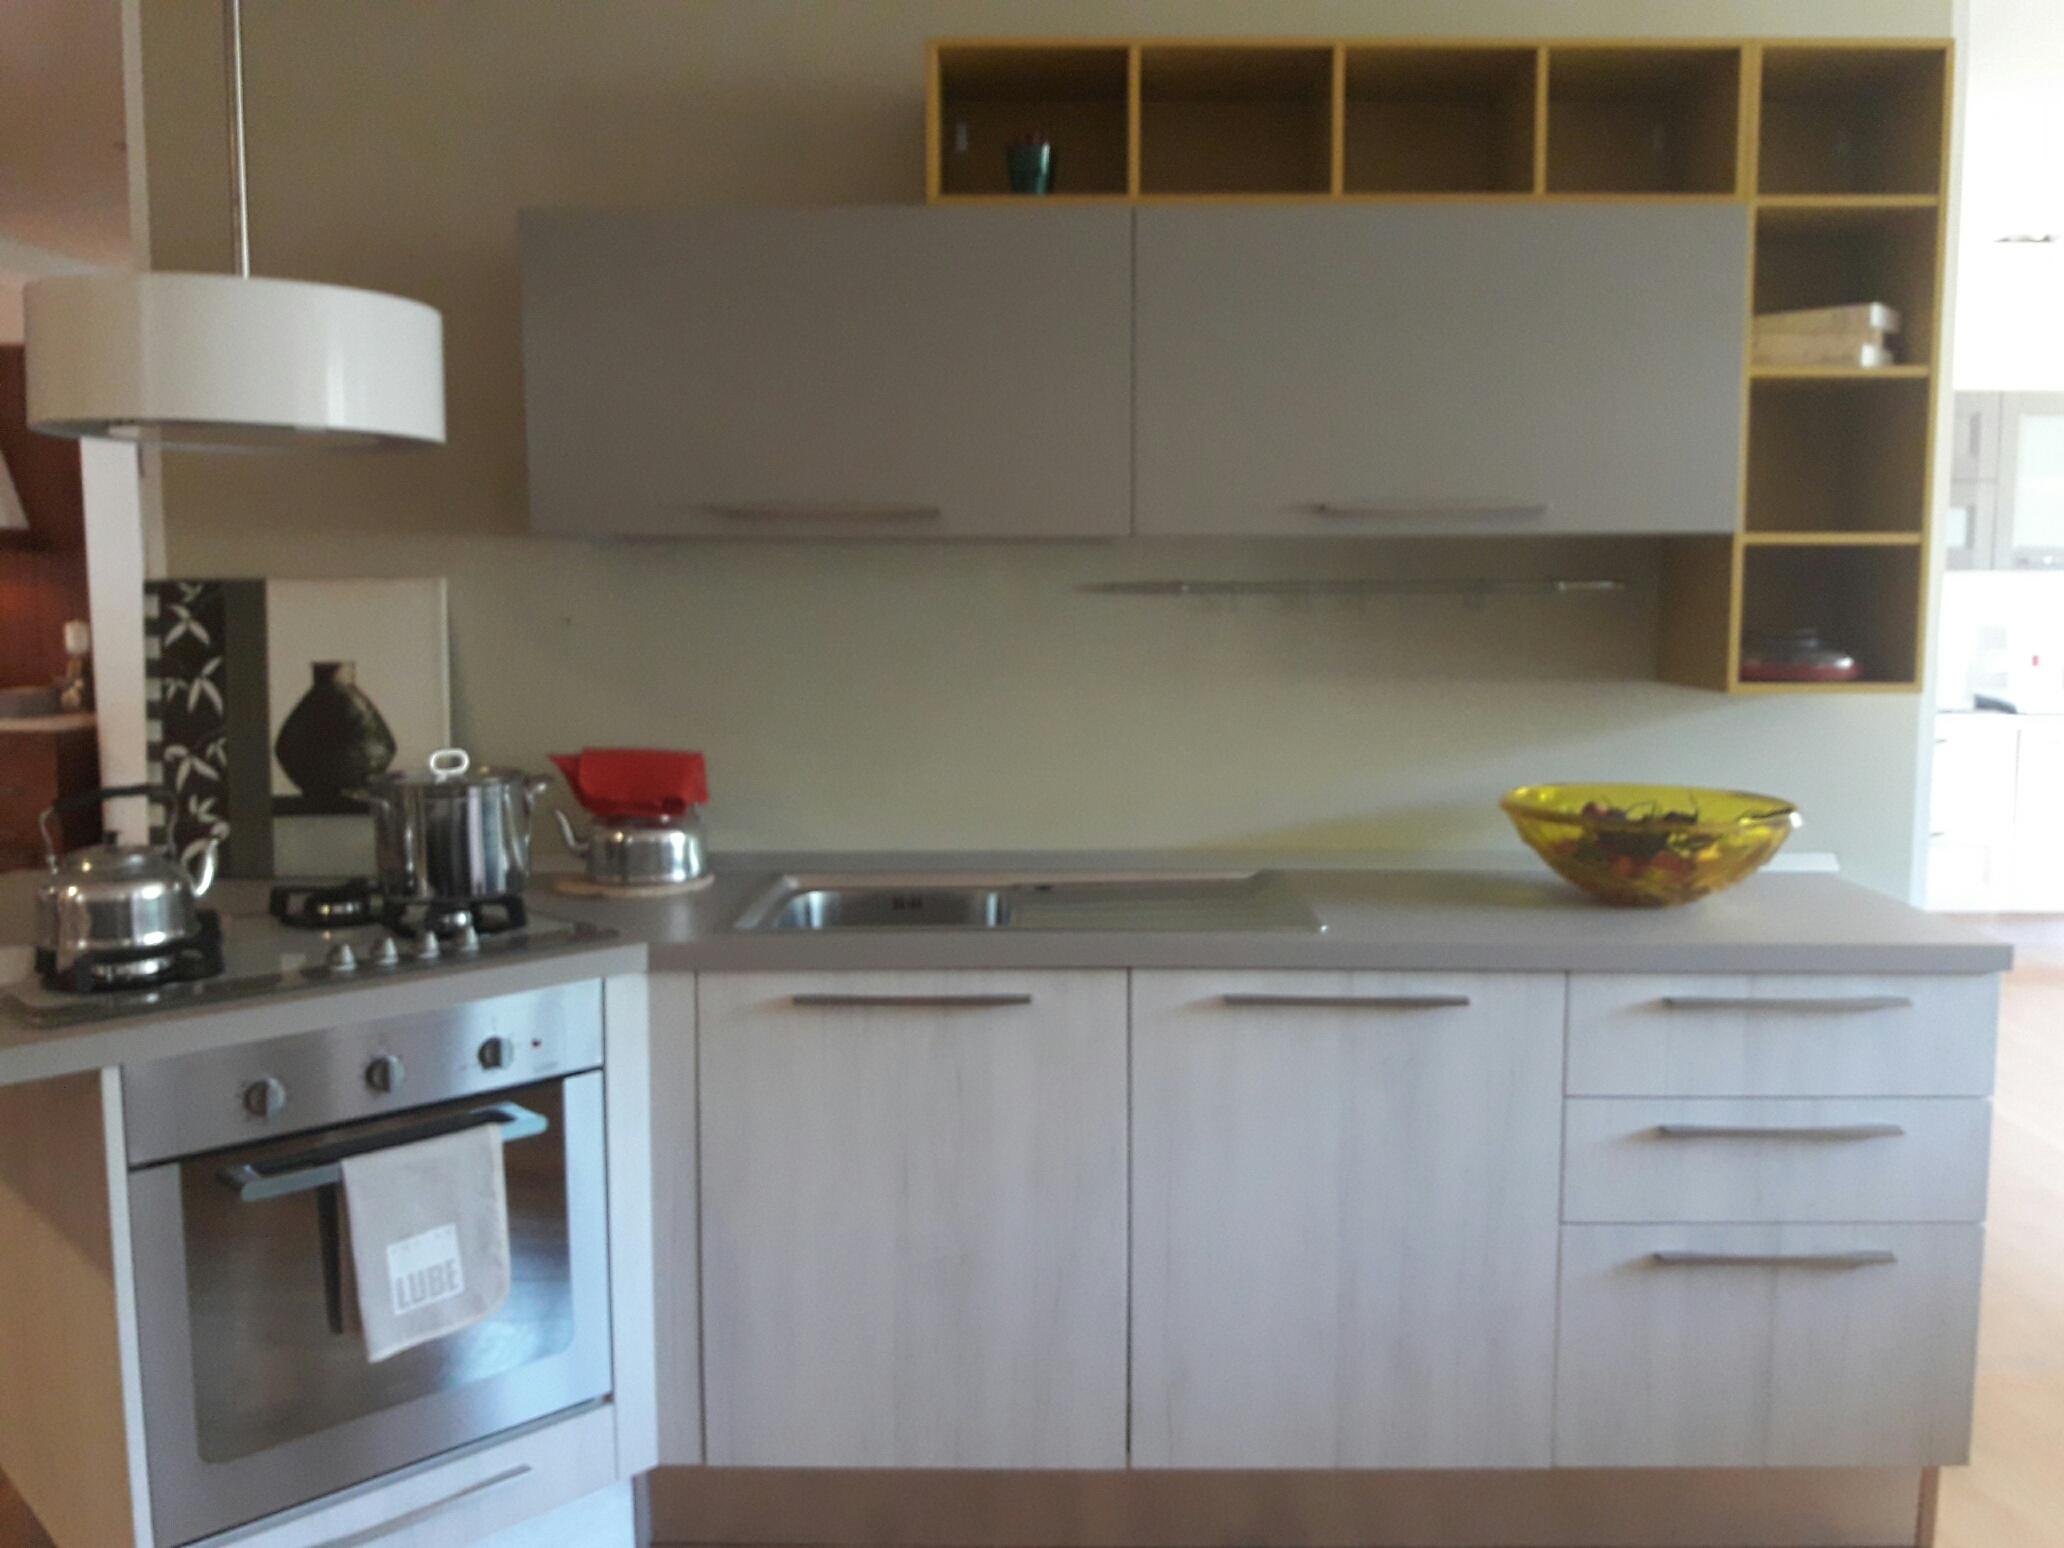 Cucine Lube Swing Prezzi : Cucina lube modello swing scontata del cucine a